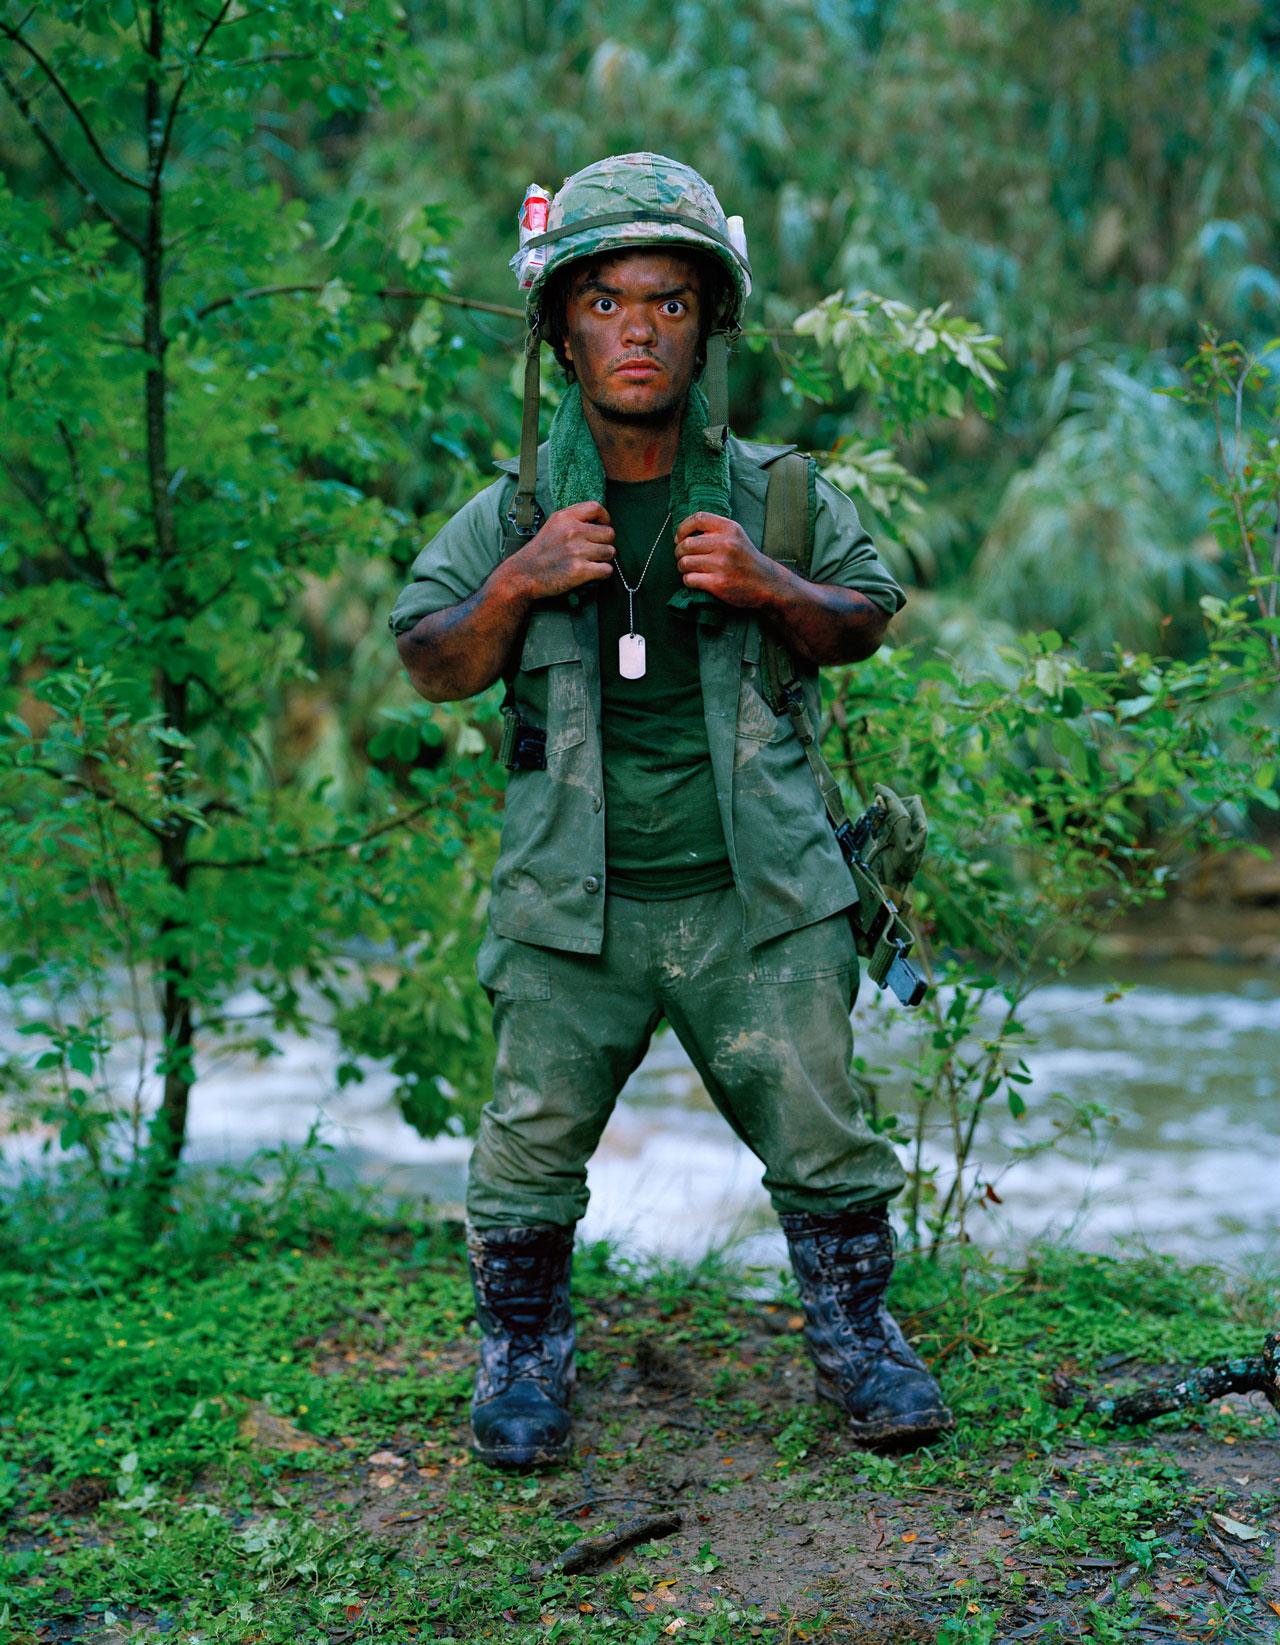 santiago-forero-vietnam-action-heroes.jpg